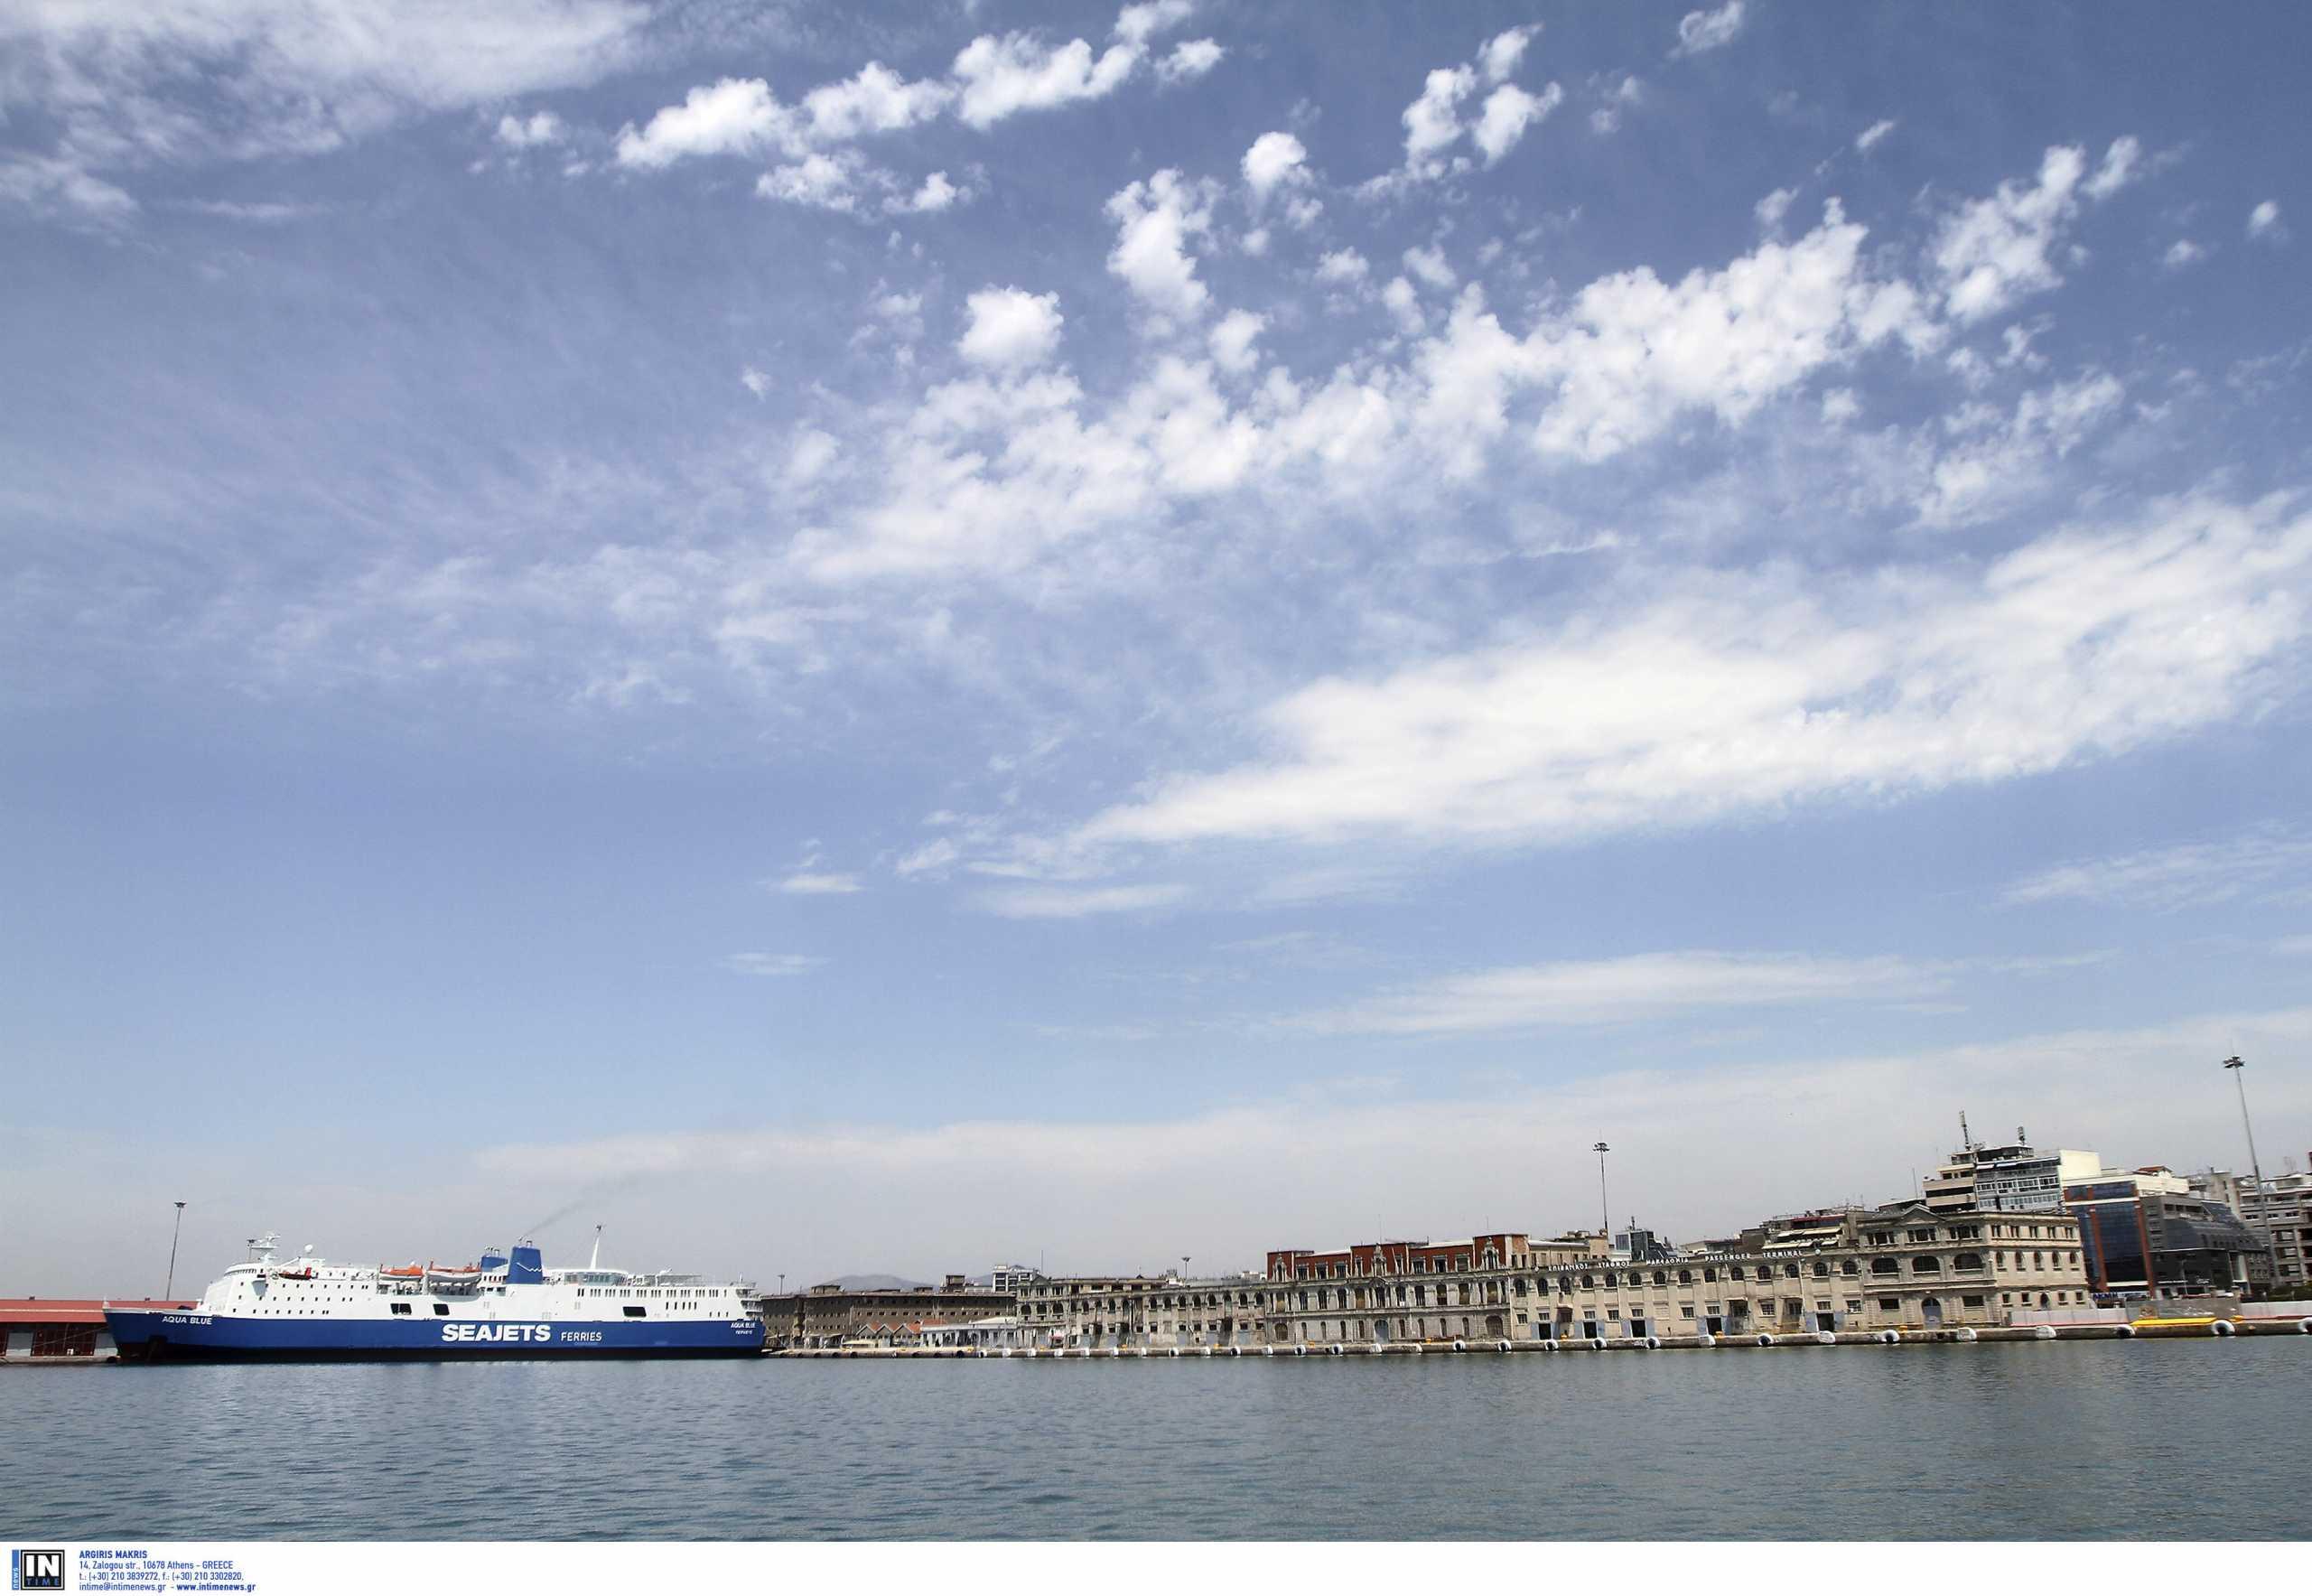 Ηράκλειο: Απαγορευτικό σε πλοίο λόγω βλάβης